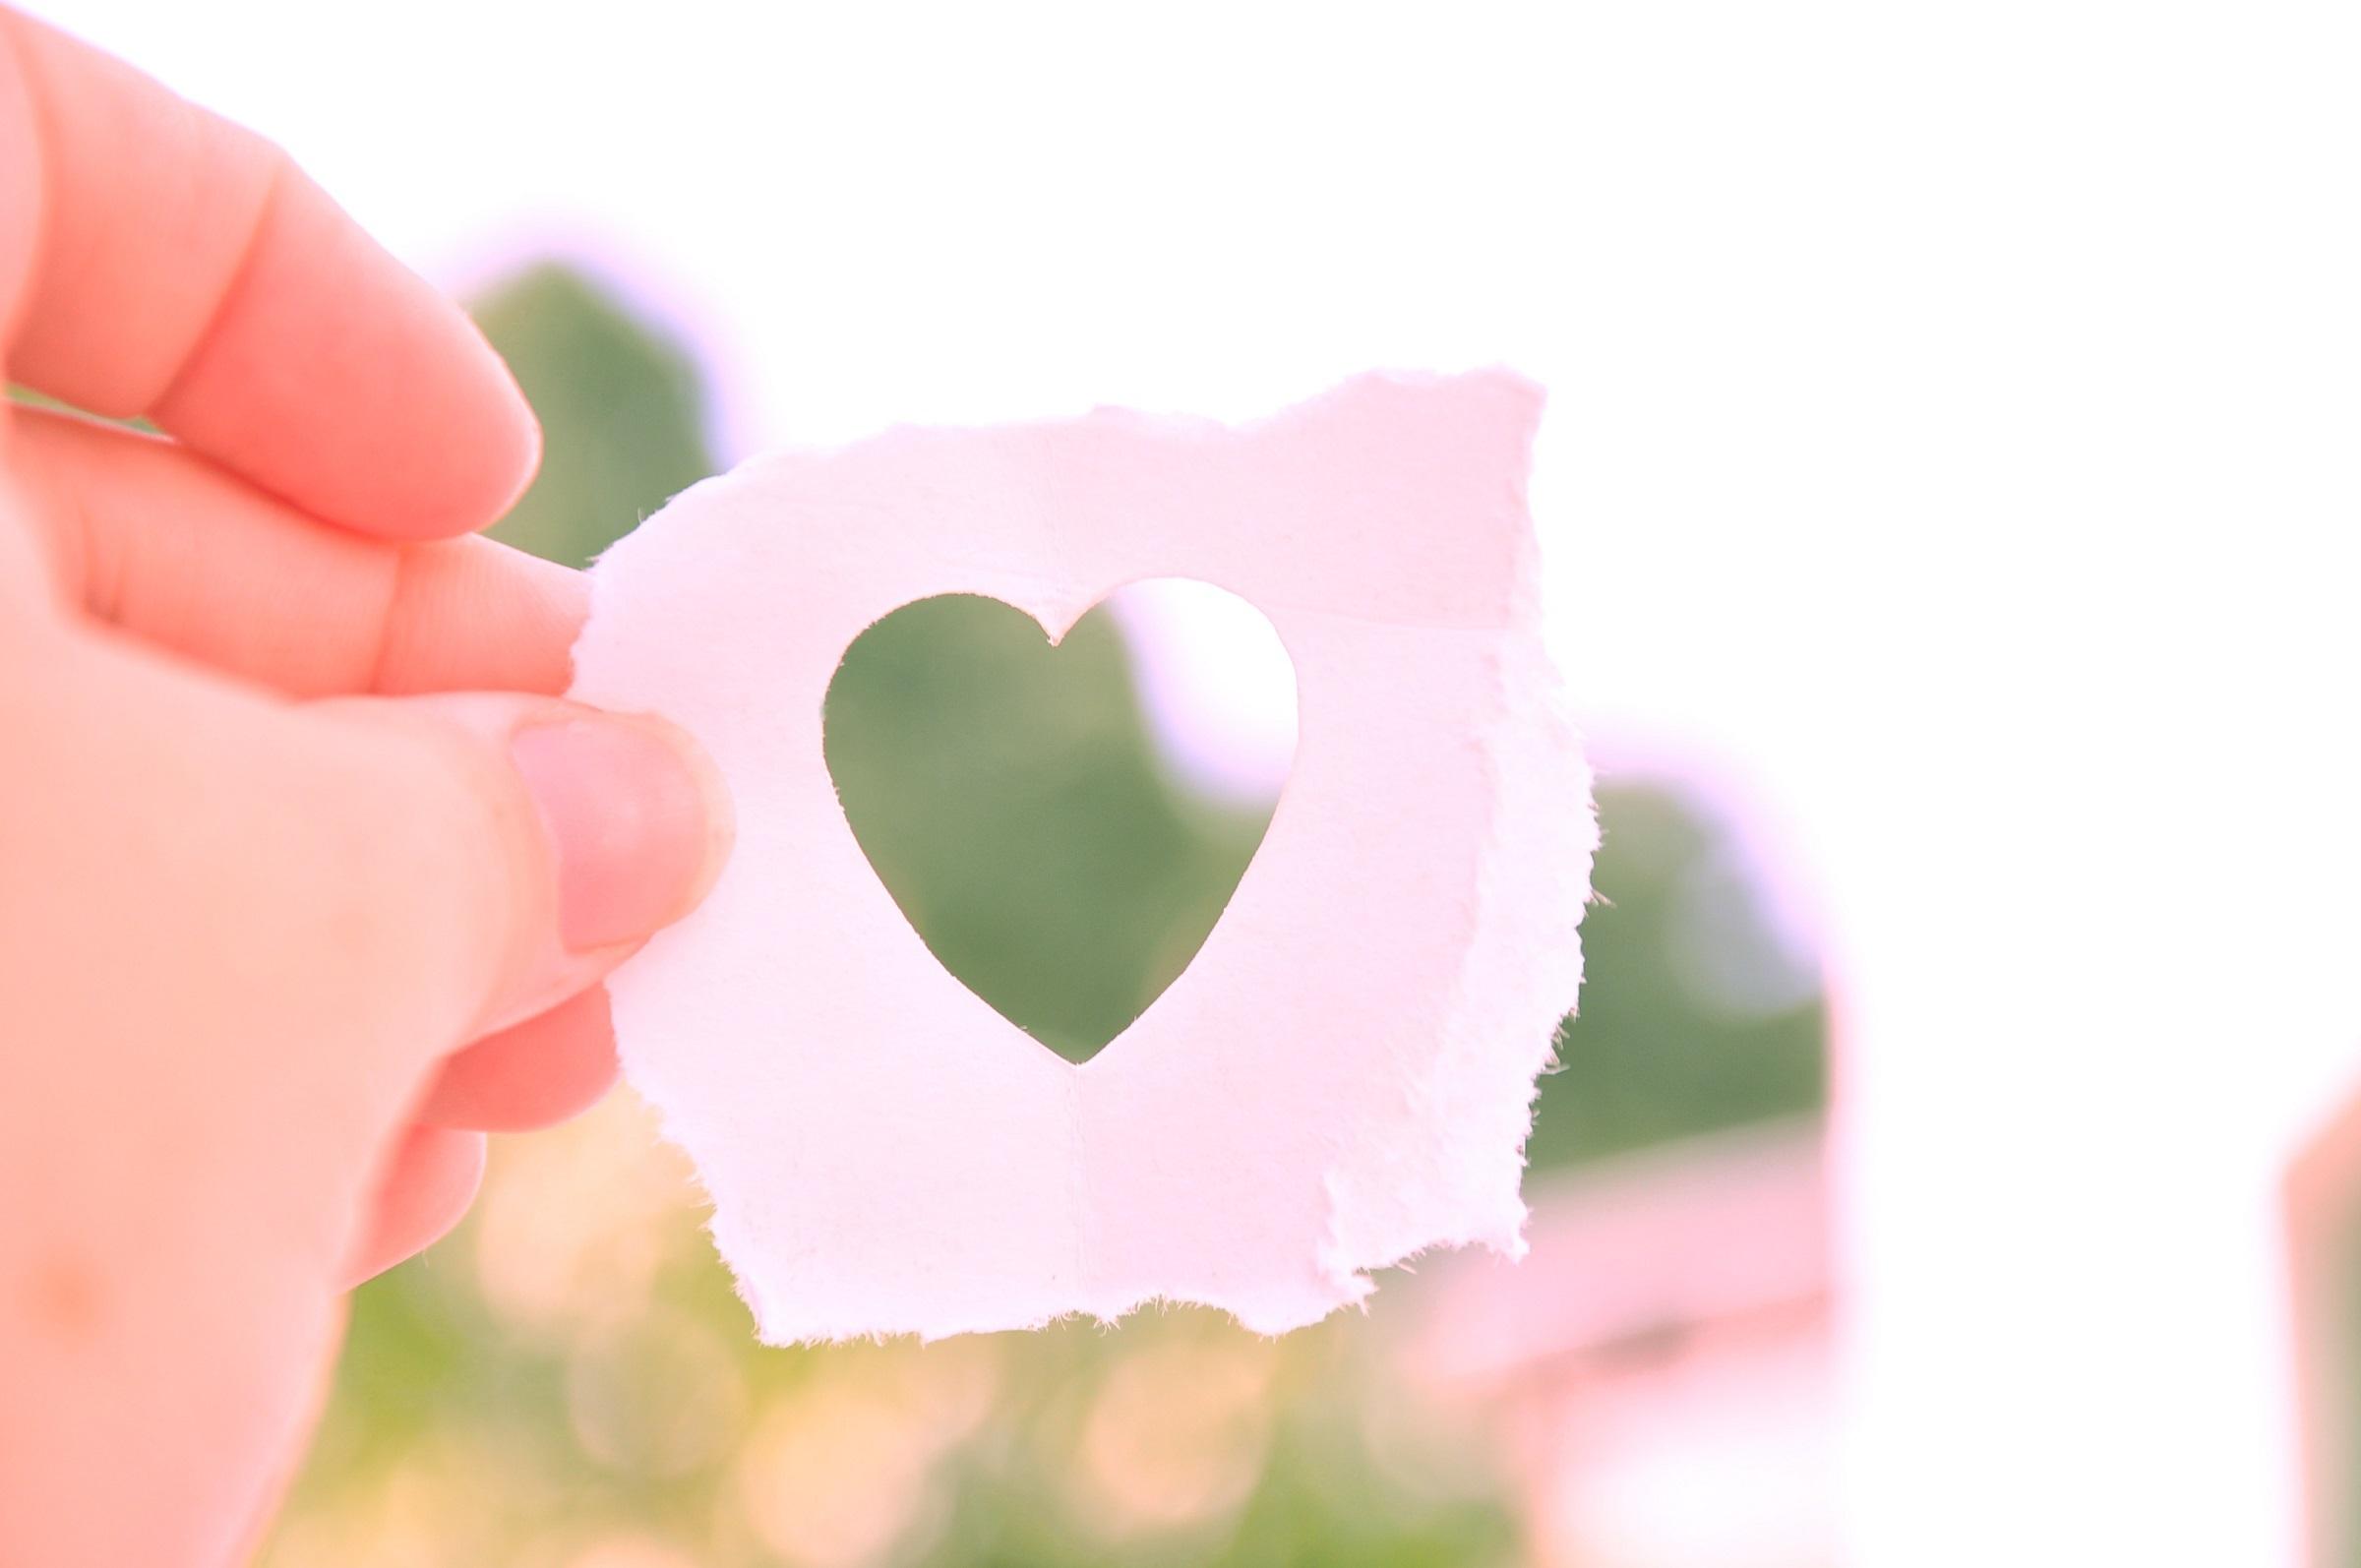 Kostenlose foto : Hand, Blume, Blütenblatt, Schild, Liebe, Herz ...